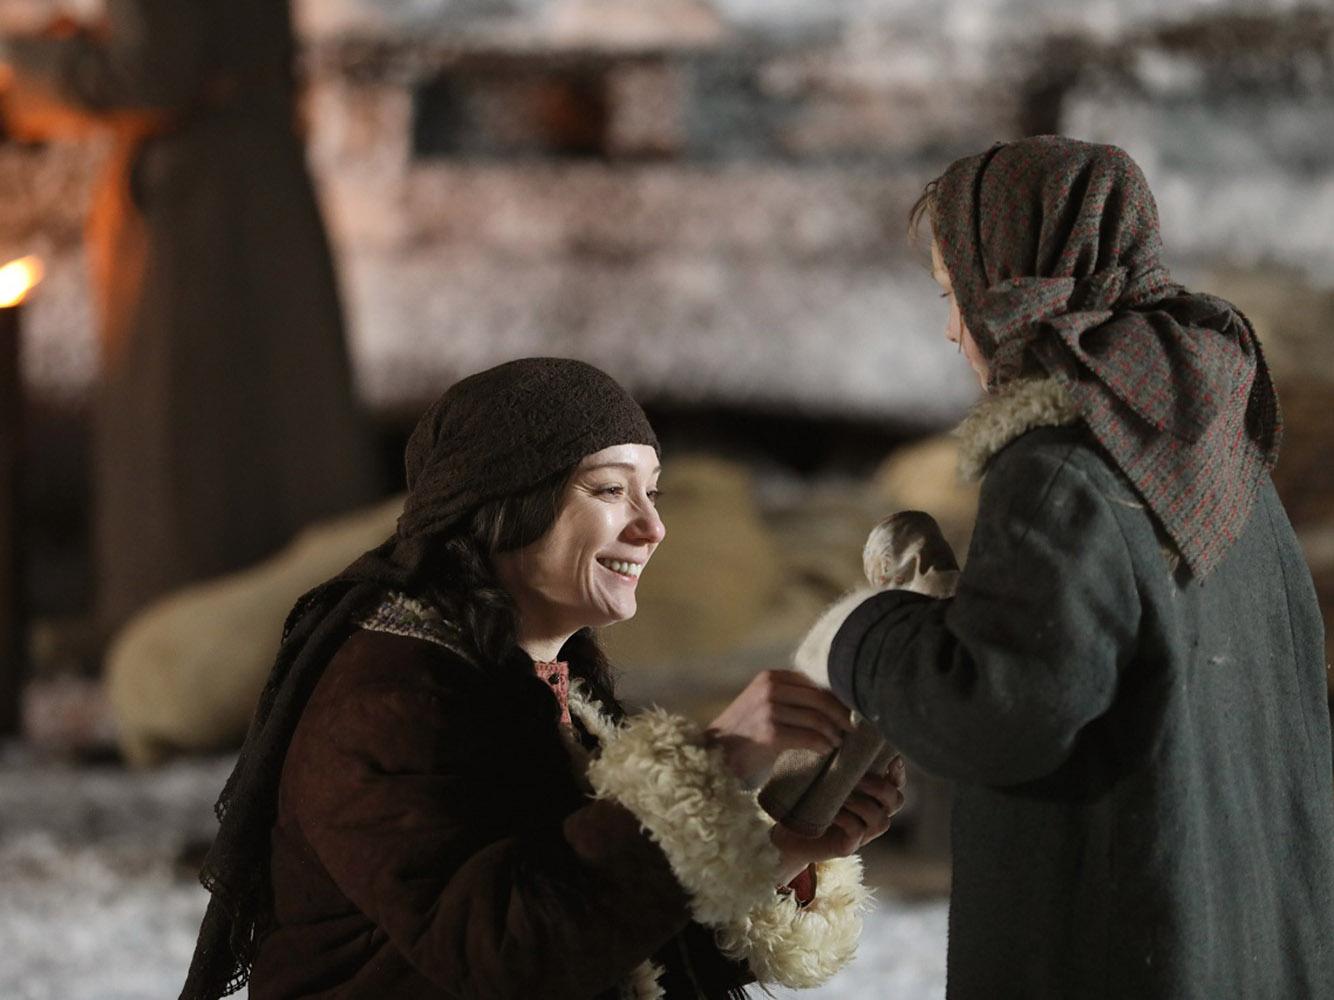 Fotograma de la película en serie de Yegor Anashkin